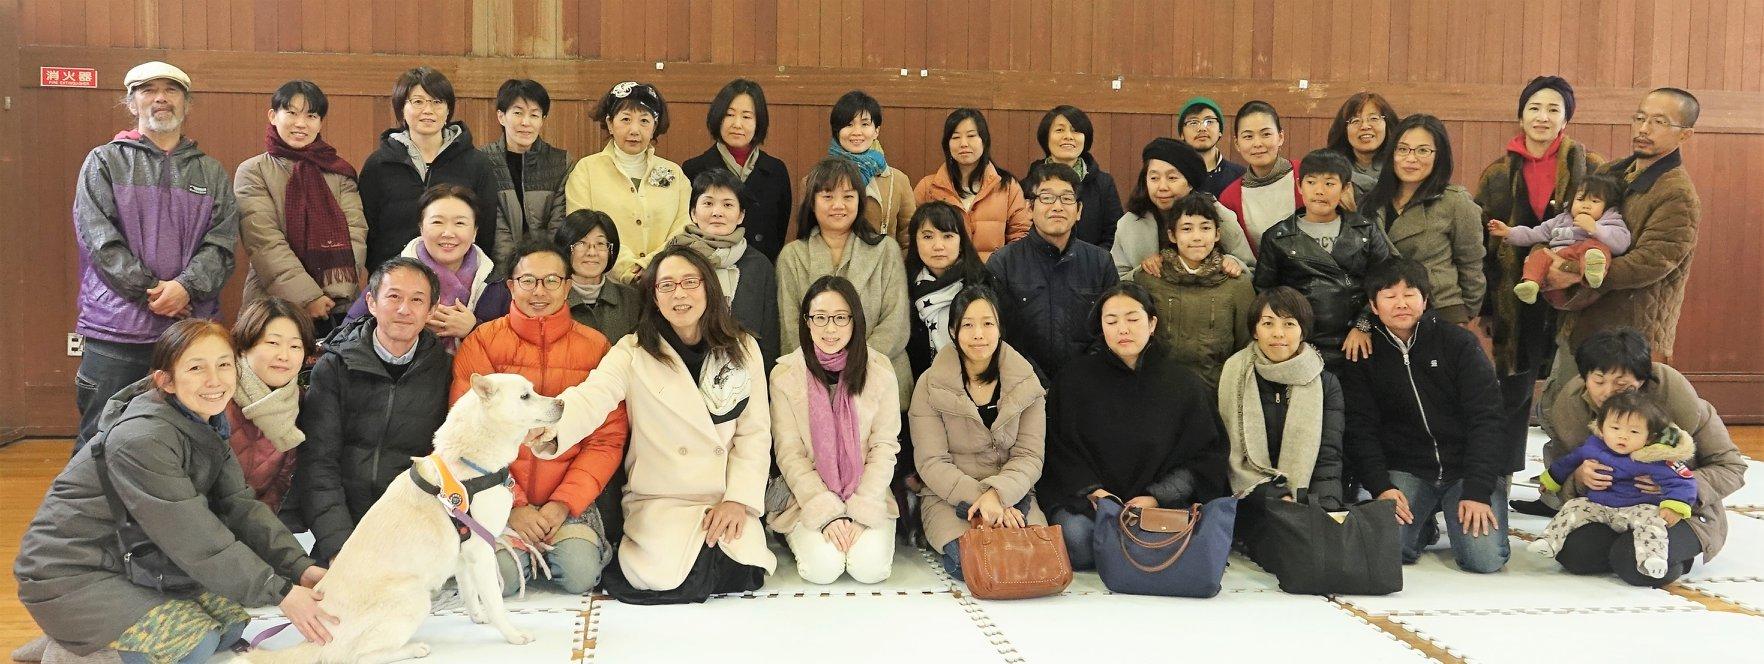 『子どもを守ろう ! 』 ~安冨歩先生が尼崎にやってきた~_a0020162_22545165.jpg